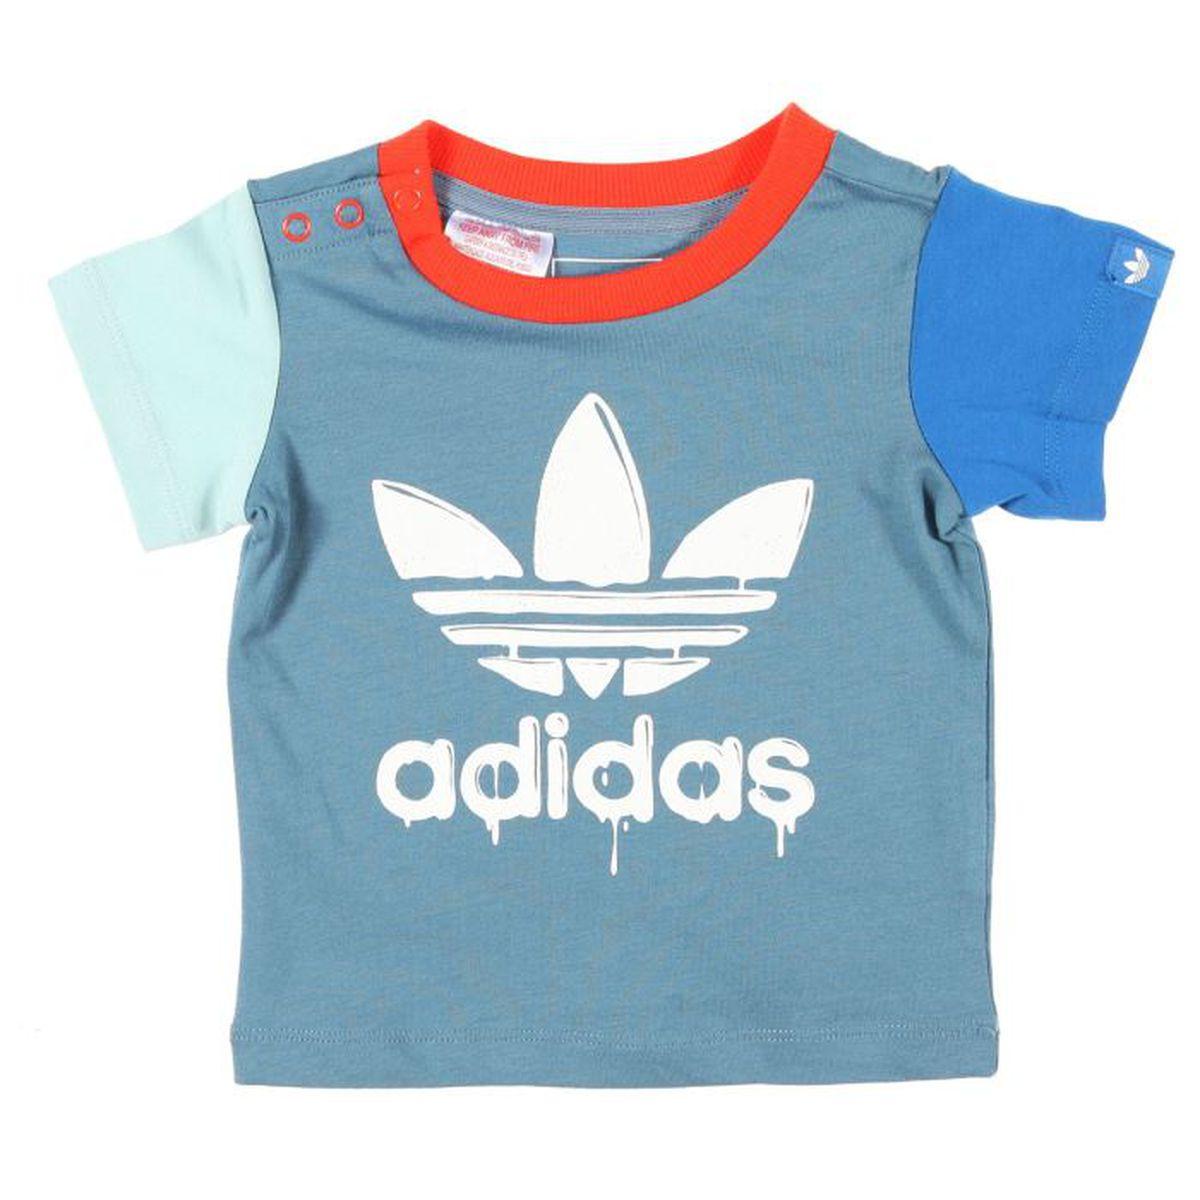 tee shirt adidas bebe